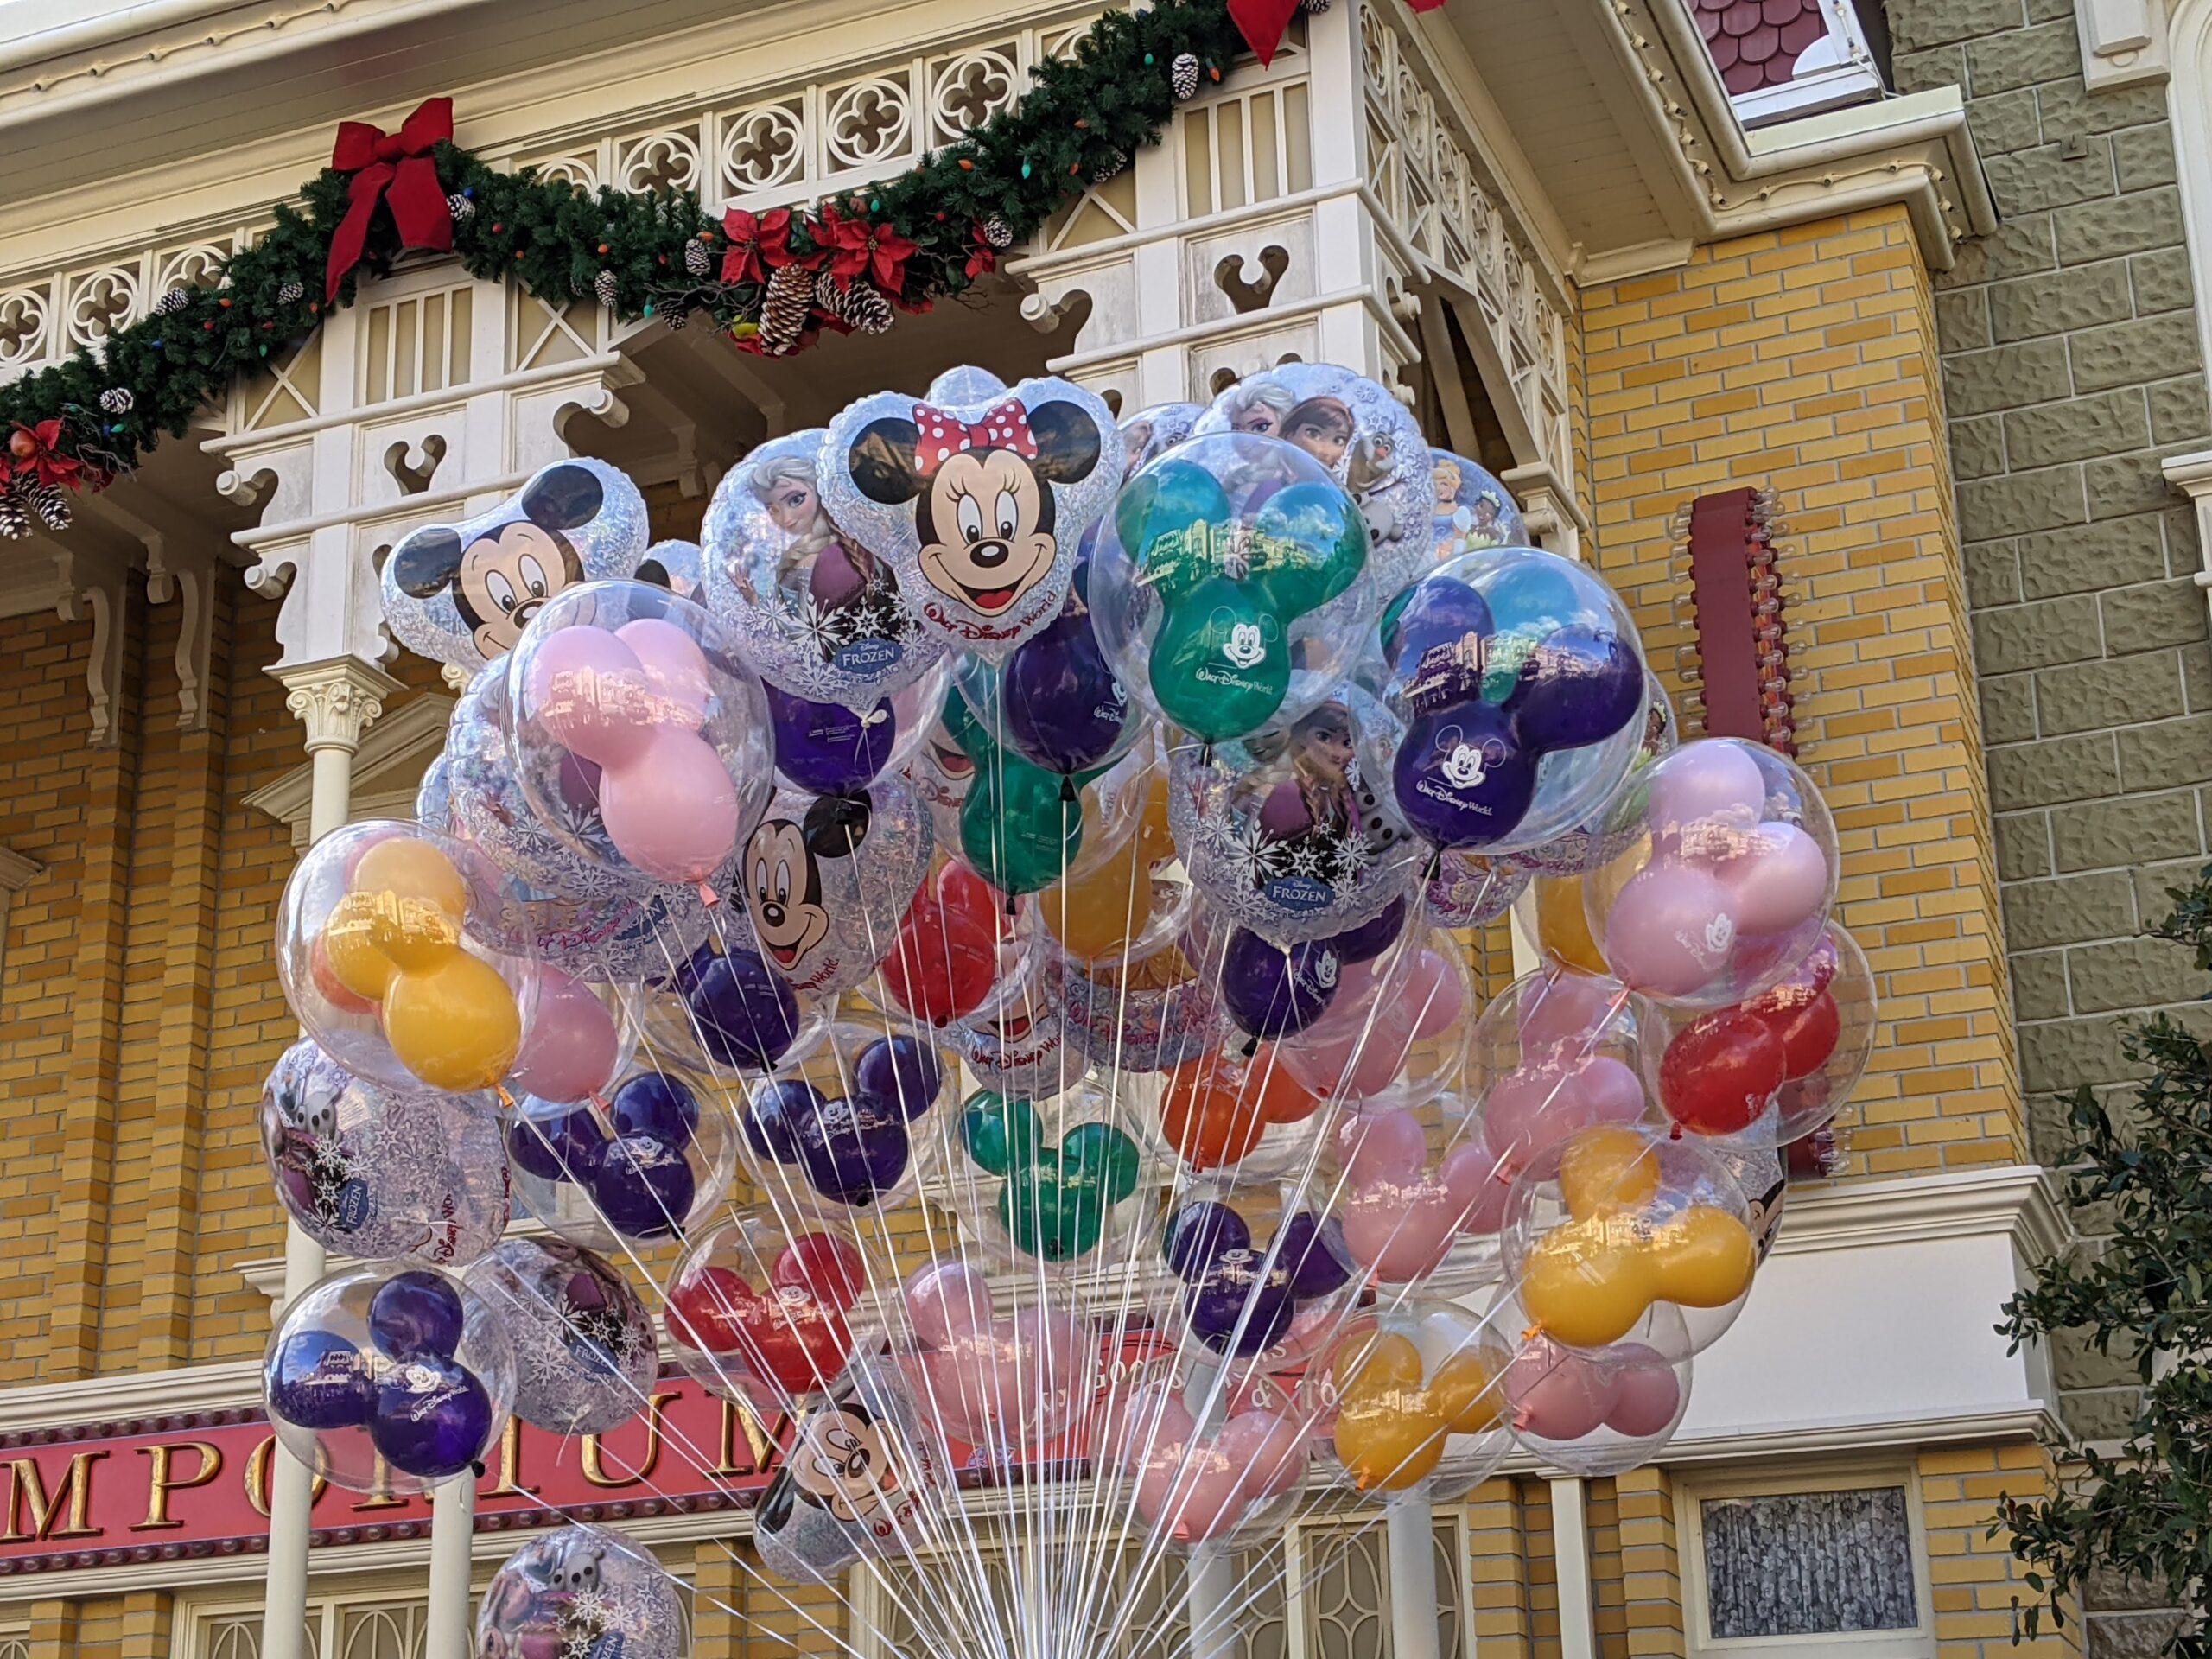 Balloons at Magic Kingdom